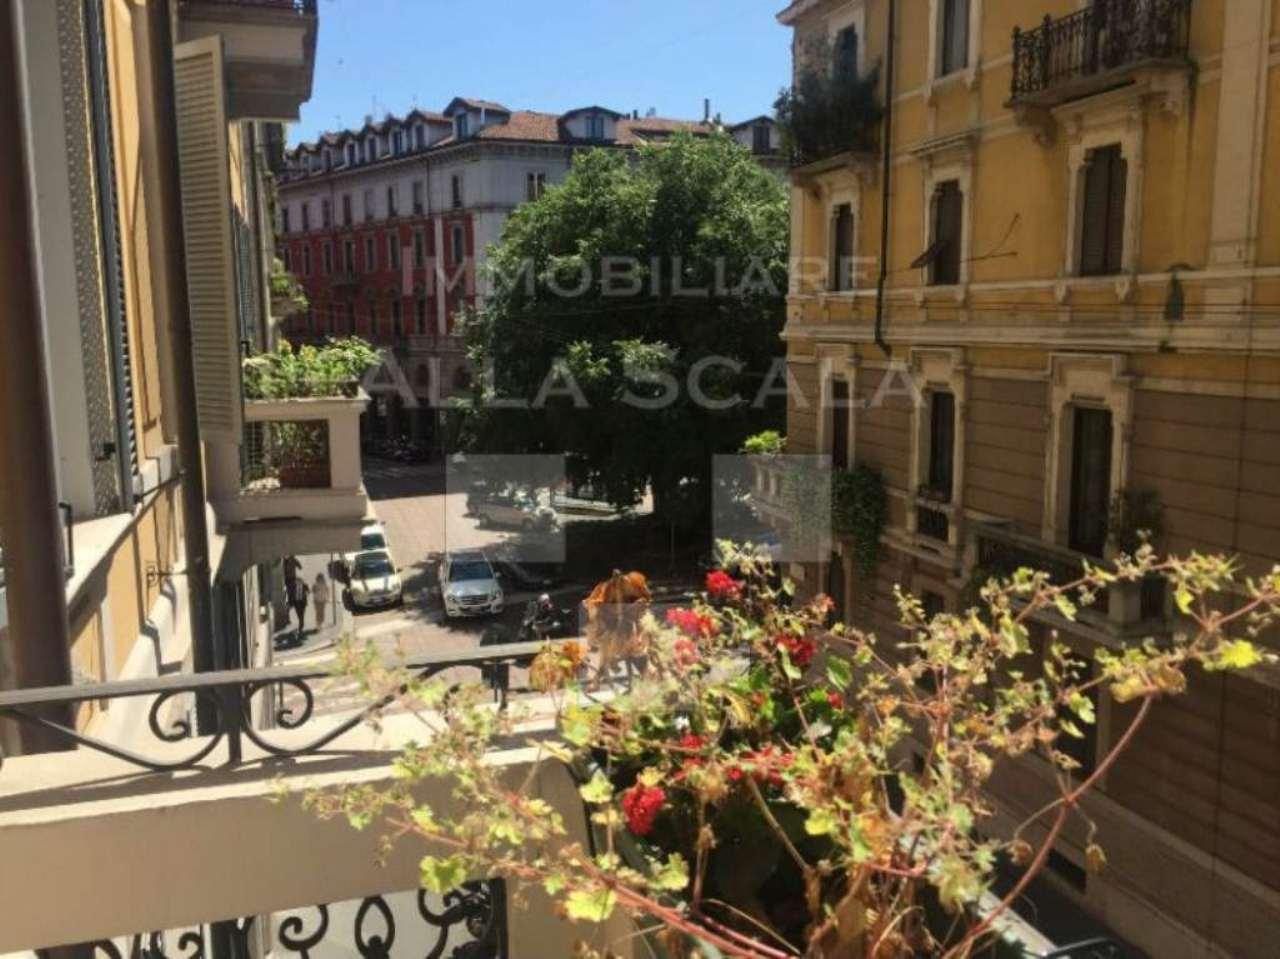 Appartamento in affitto a milano via solferino trovocasa for Appartamento design affitto milano